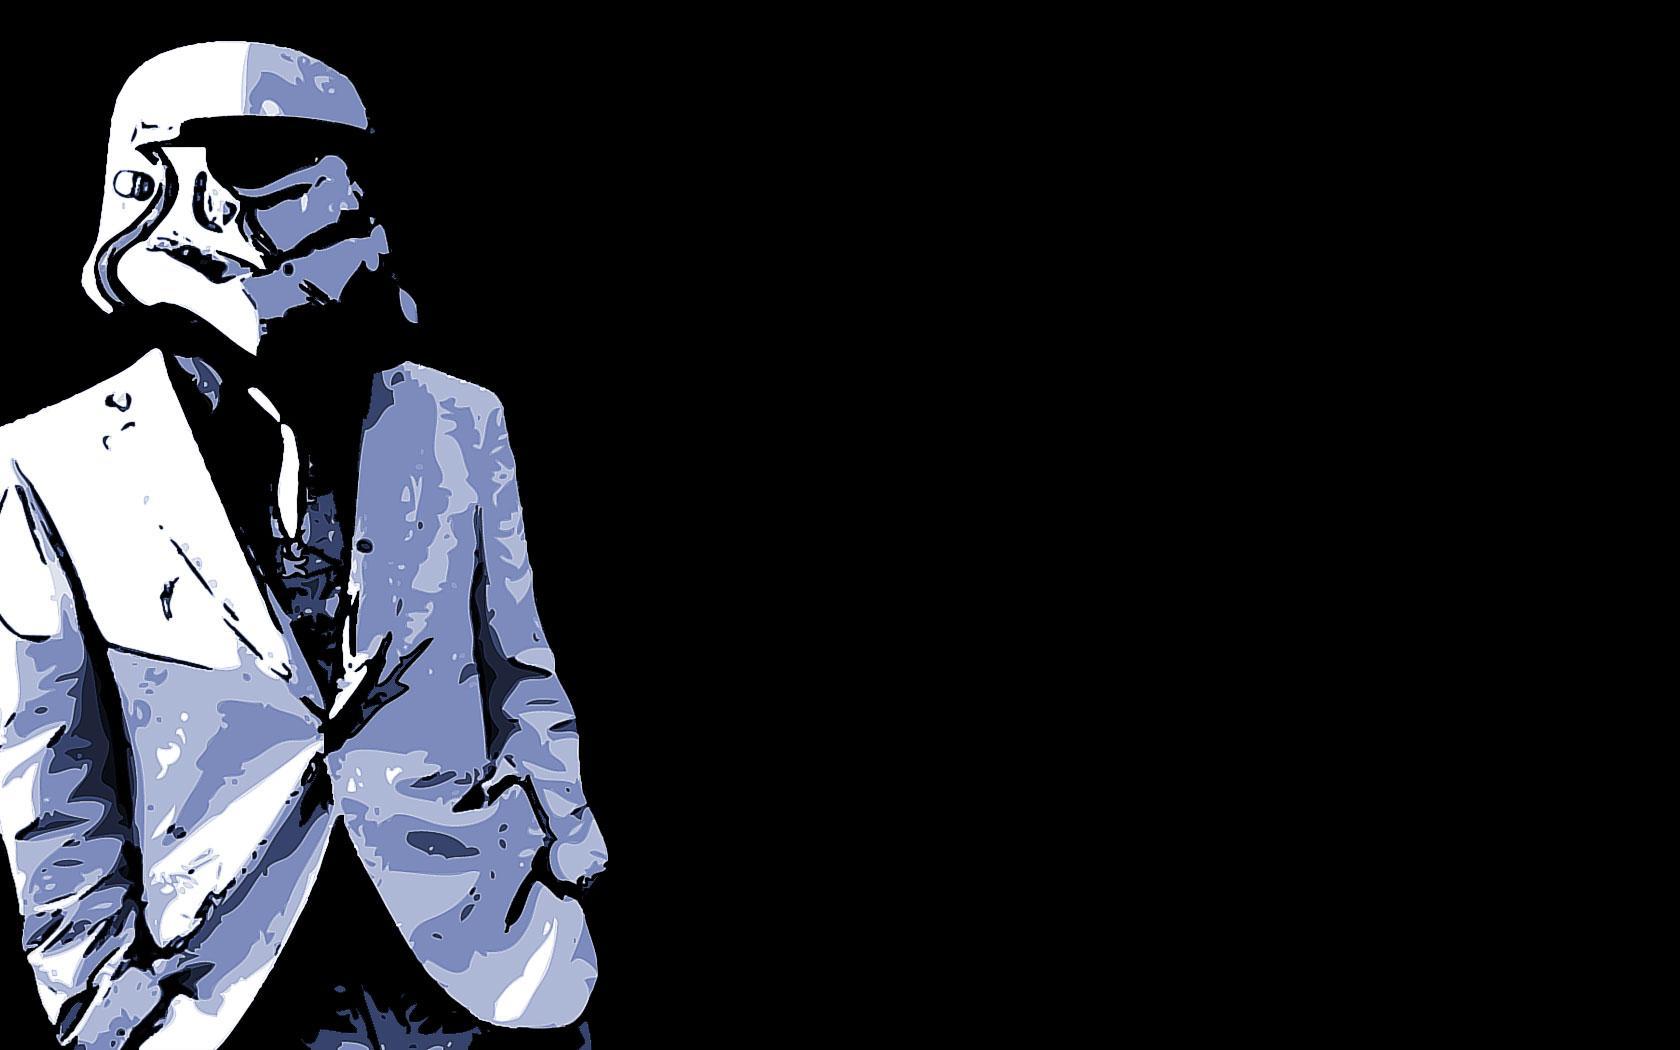 Suit wallpaper hd wallpapersafari - Stormtrooper suit wallpaper ...